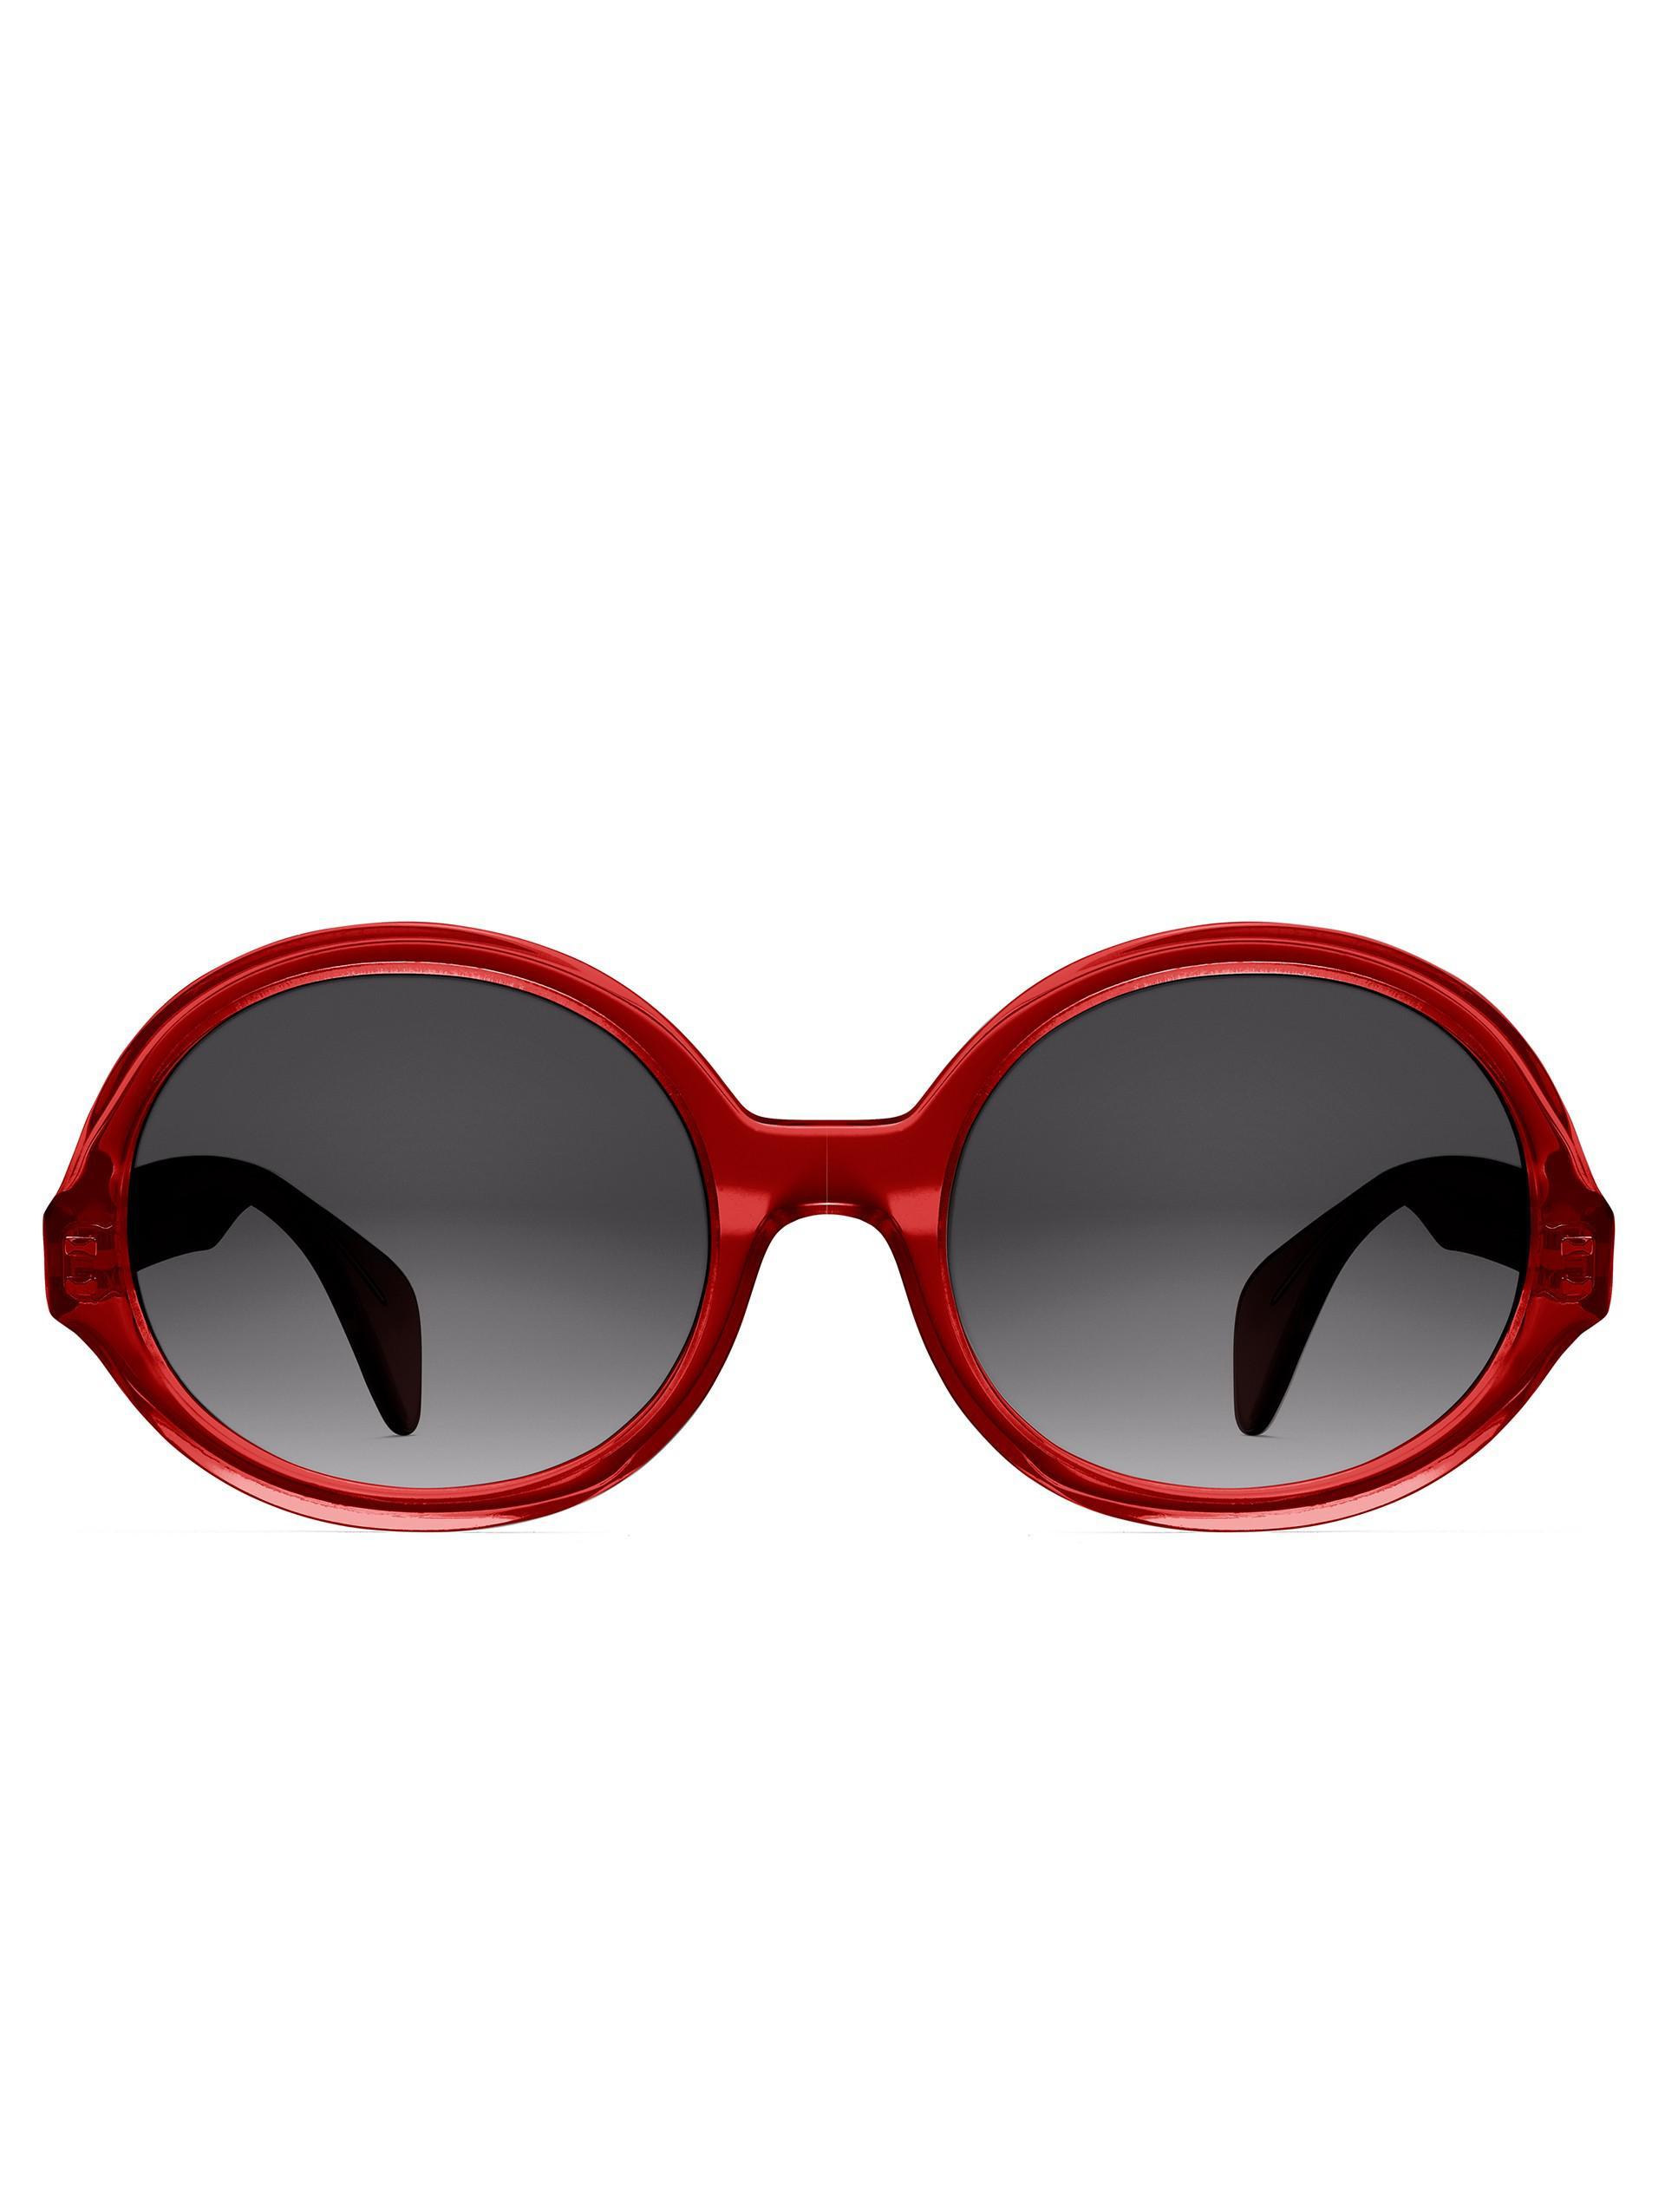 d009c526a2 Oscar De La Renta X Morgenthal Frederics Regina Sunglasses in Red - Lyst